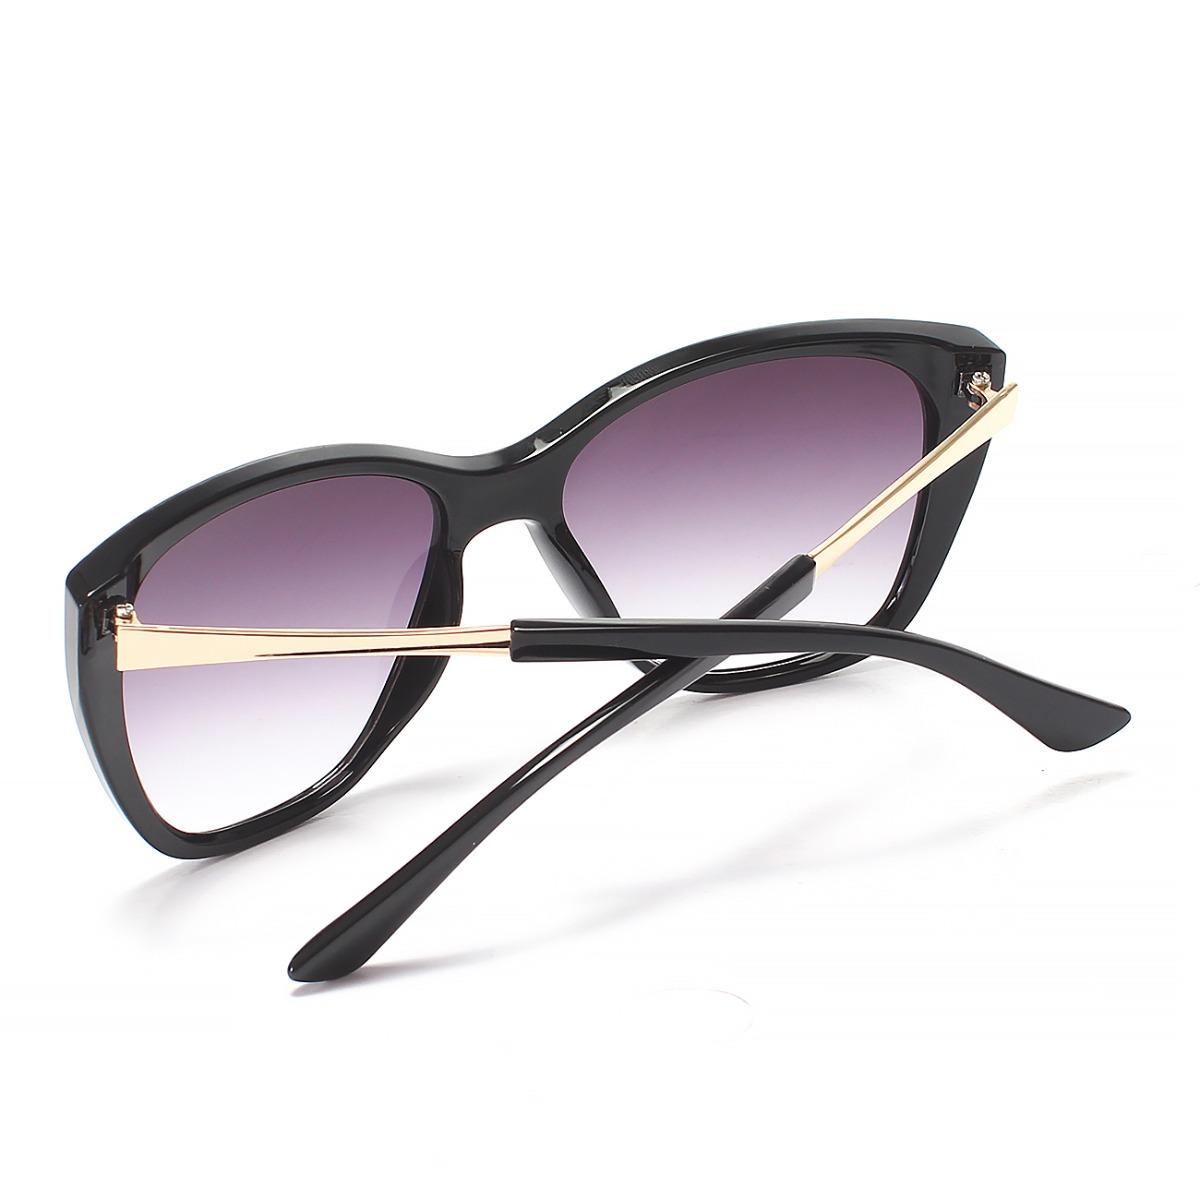 7b5036140 oculos sol feminino gatinho lente proteção uv estojo grátis. Carregando  zoom.